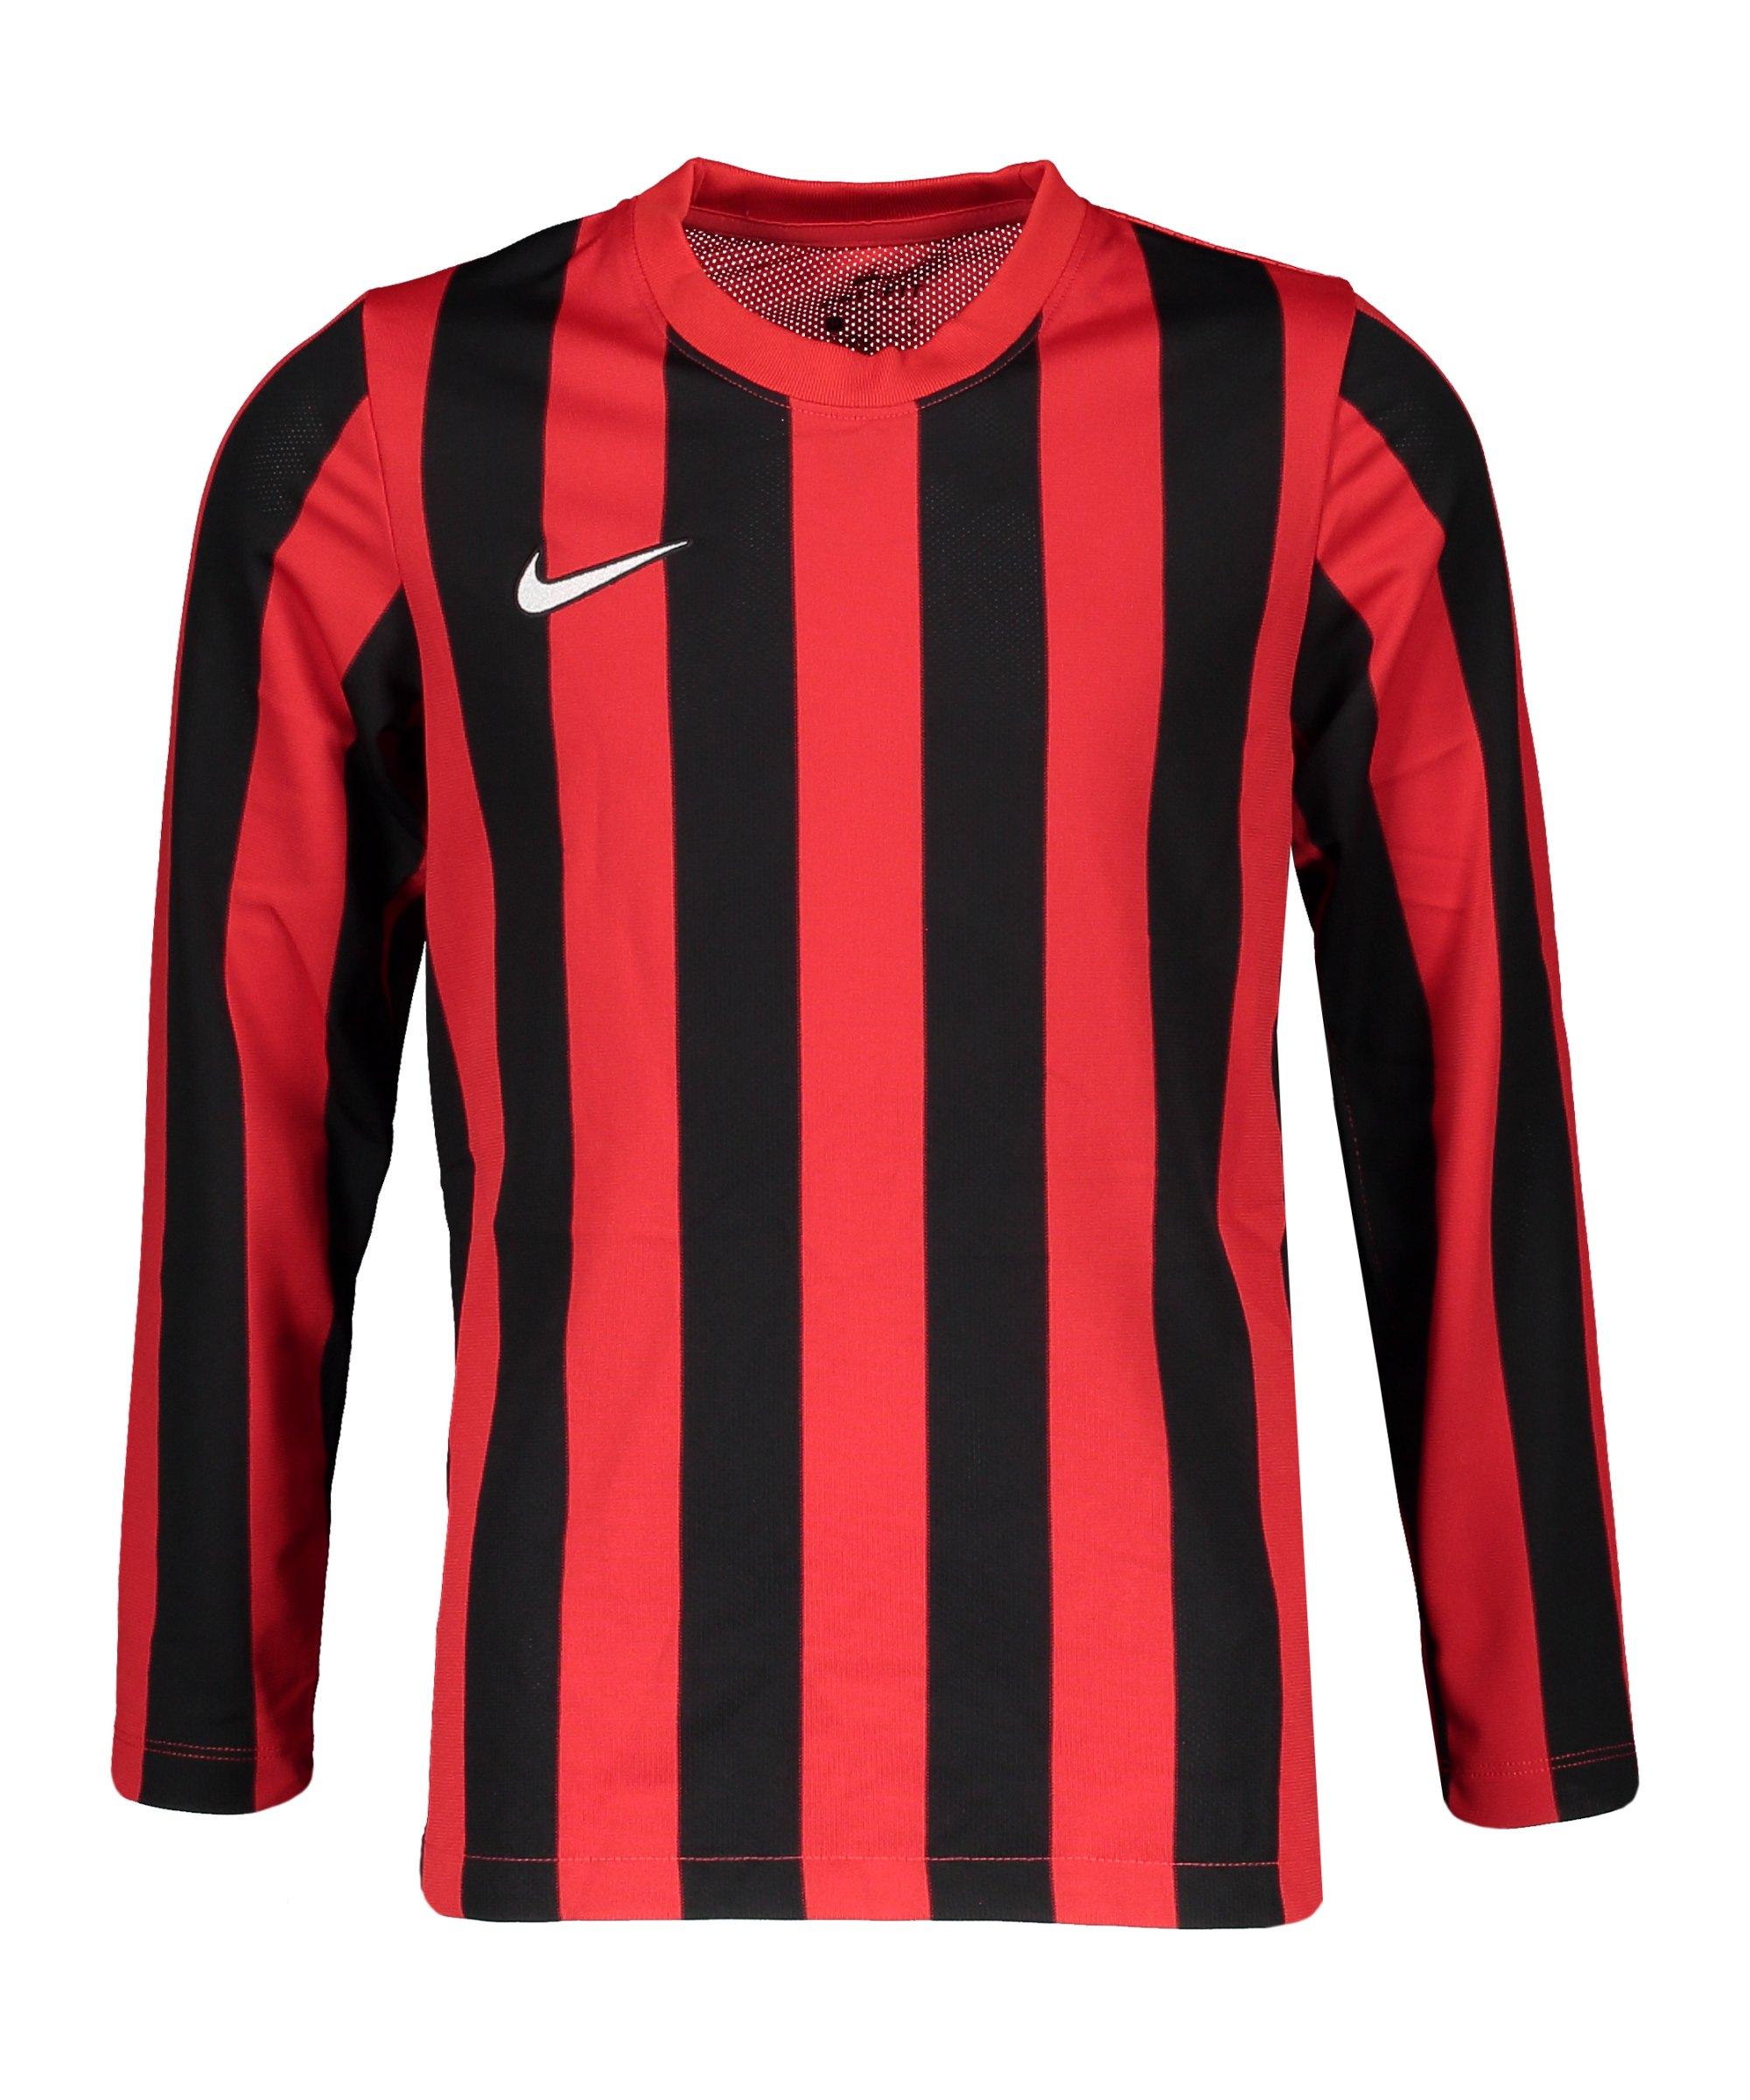 Nike Division IV Striped Trikot kurzarm Kids F658 - rot